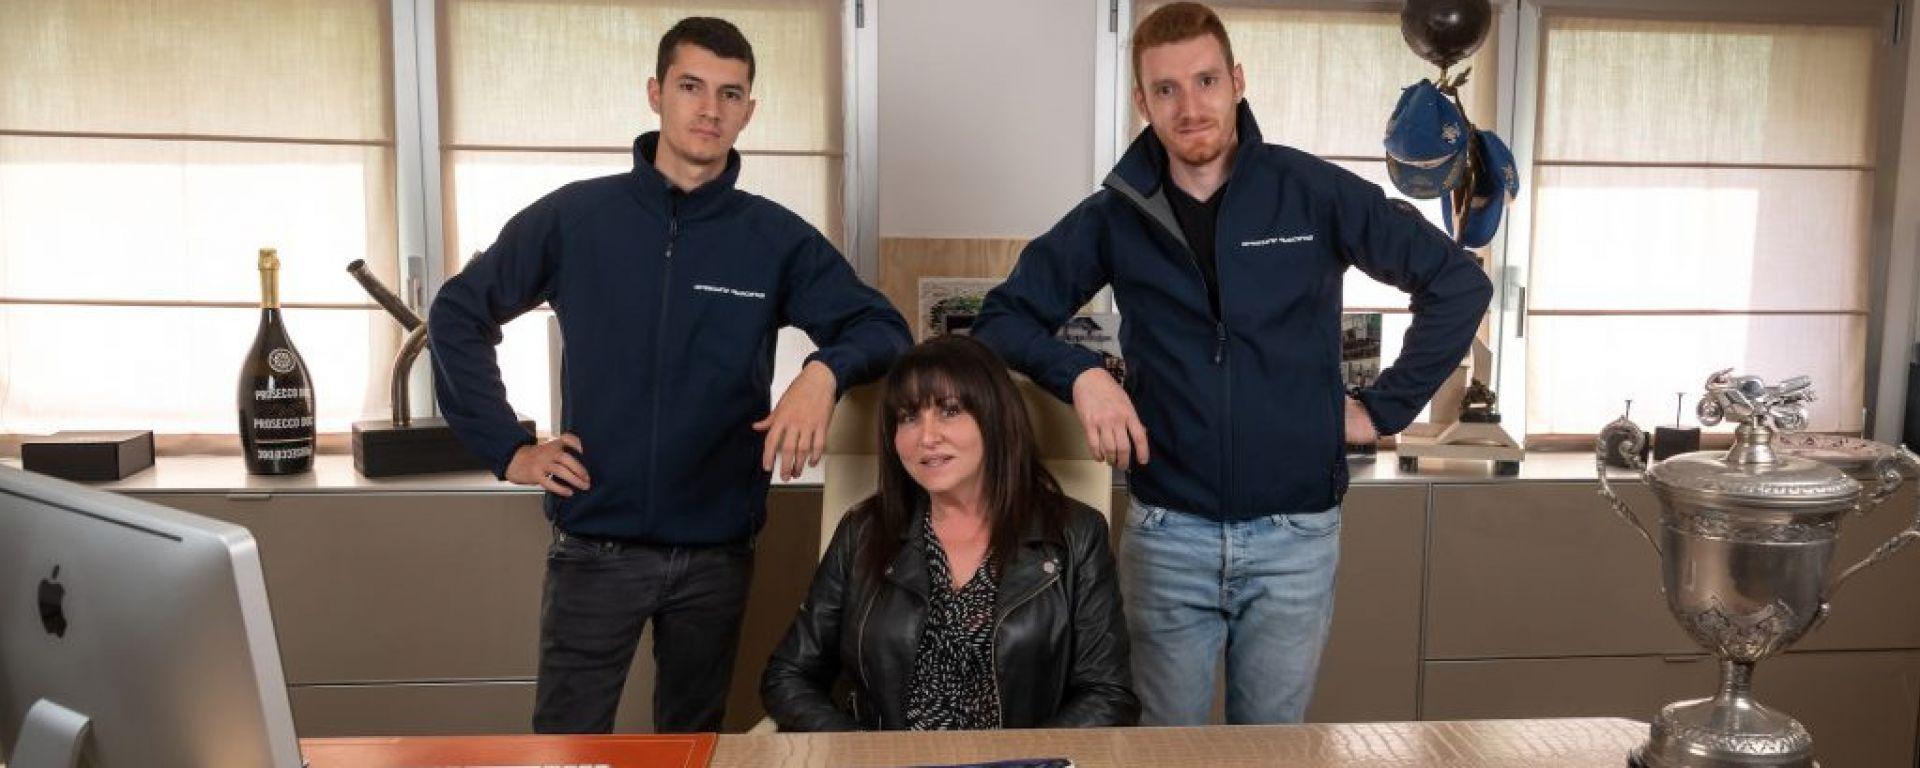 Nadia Gresini, nuova AD del team Gresini Racing, con i figli Lorenzo e Luca